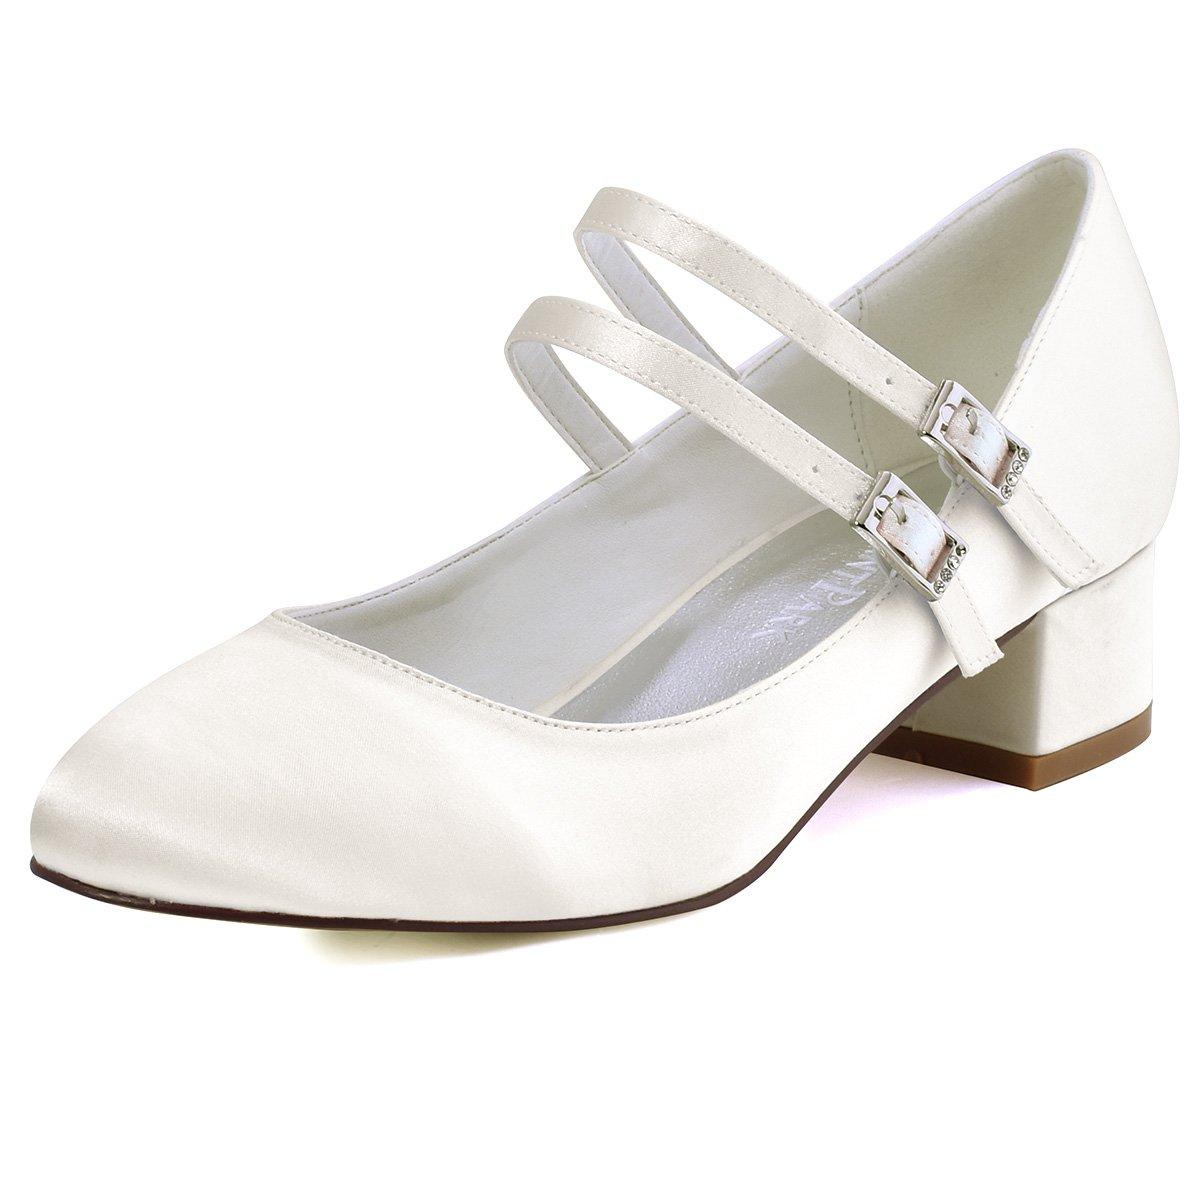 ElegantPark Soirée Femmes Fermé Toe 19975 Ivoire Bloc Talon Mary Jane Pompes Satin Chaussures de Mariage Soirée Ivoire f2889e9 - automaticcouplings.space